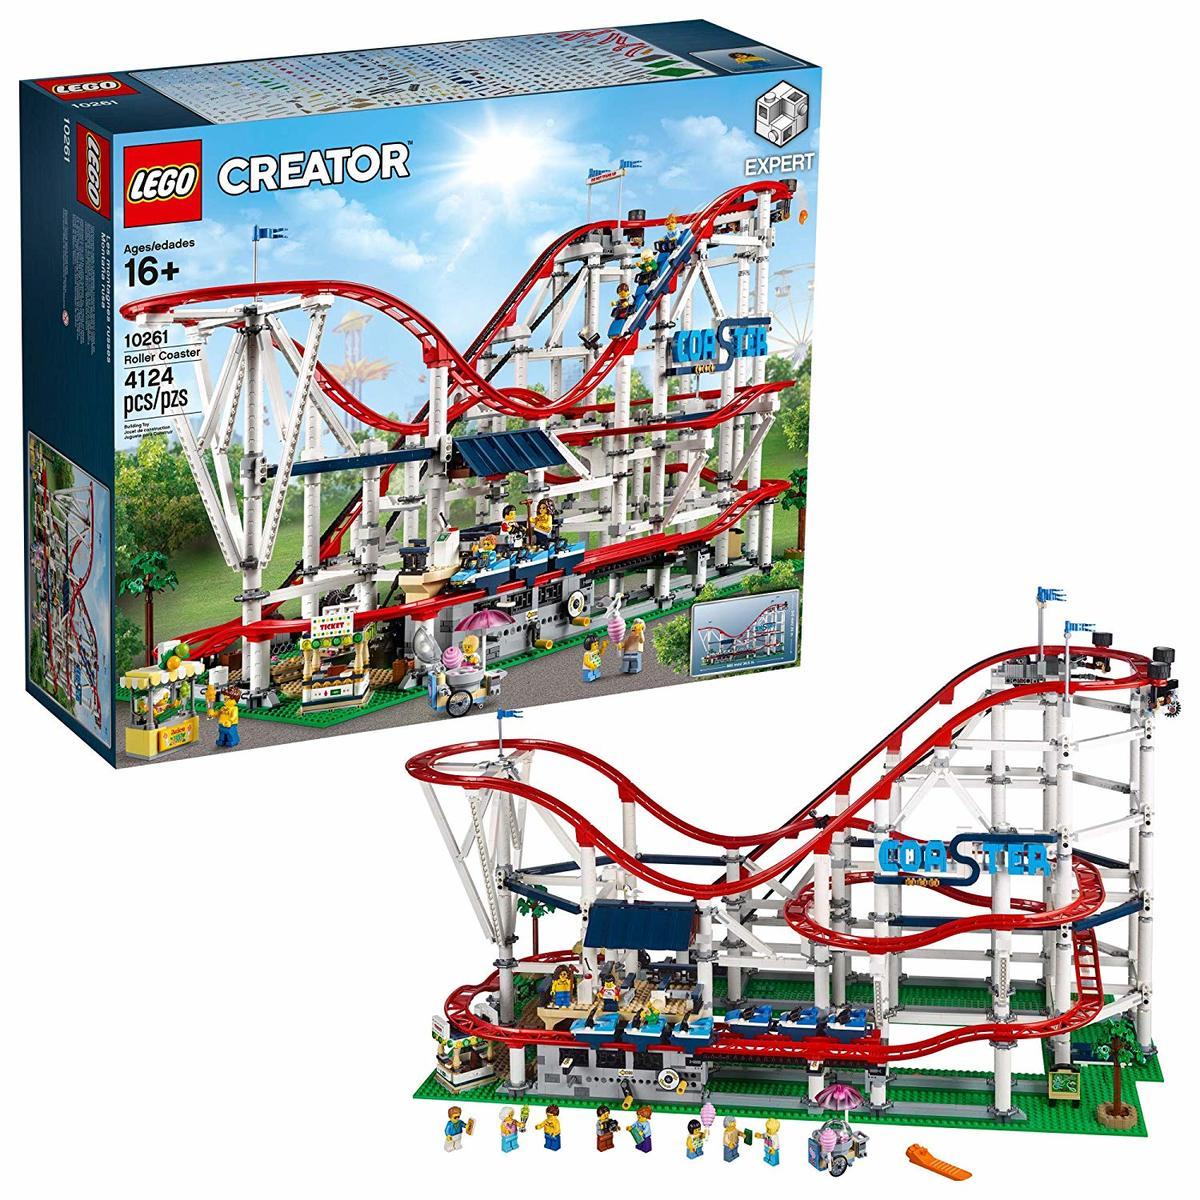 10261 Roller Coaster Creator